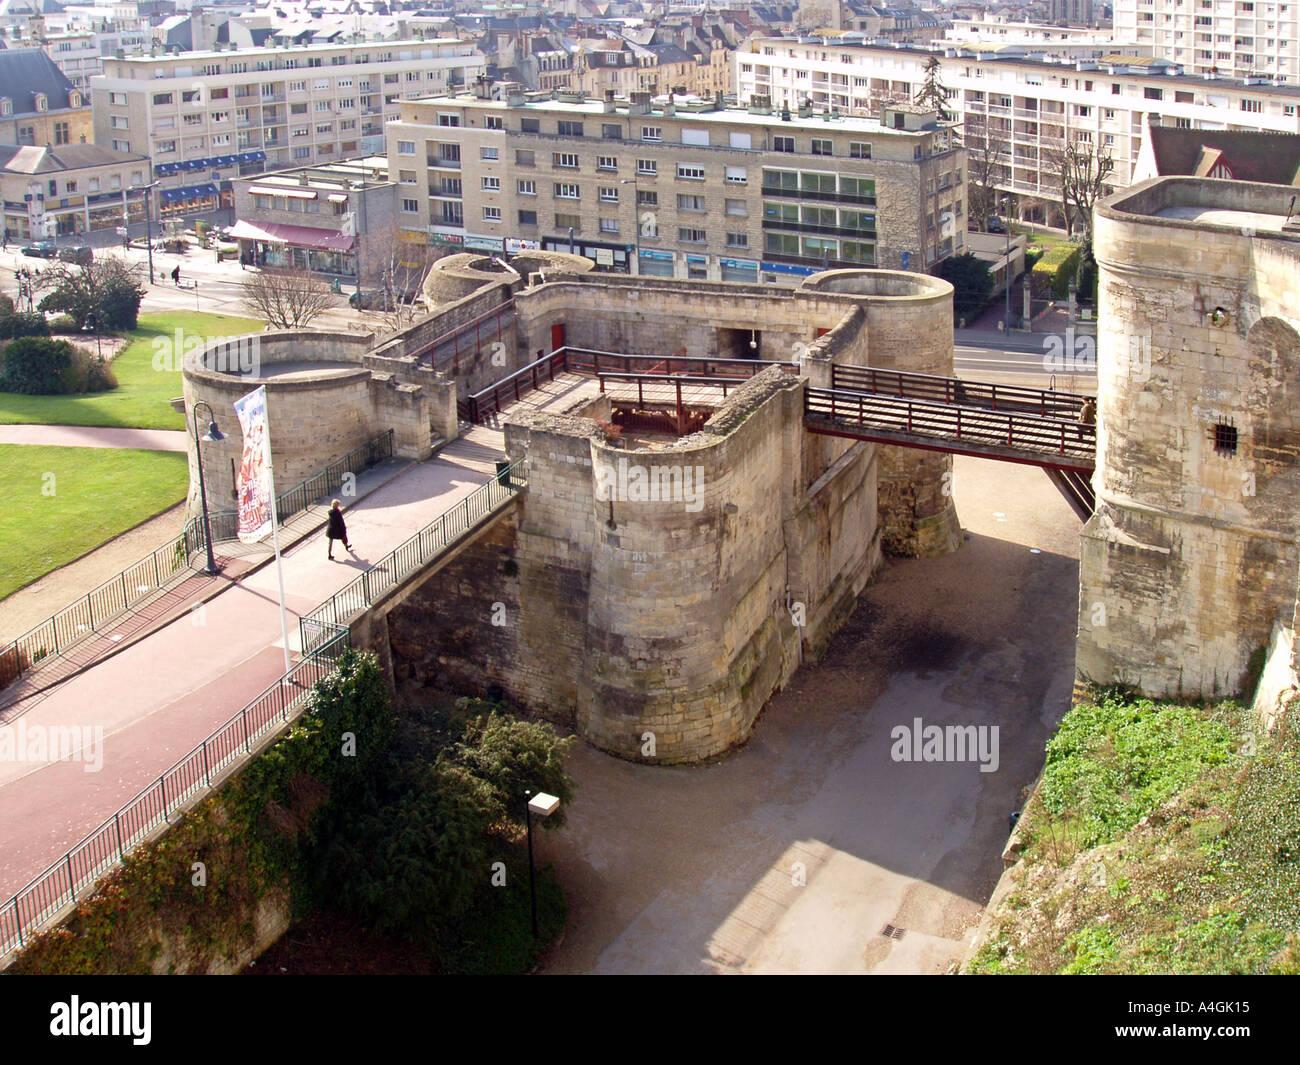 Die Sehenswurdigkeiten Von Caen Calvados Normandie Frankreich Europa The Citadel Schloss Chateau Stockfotografie Alamy